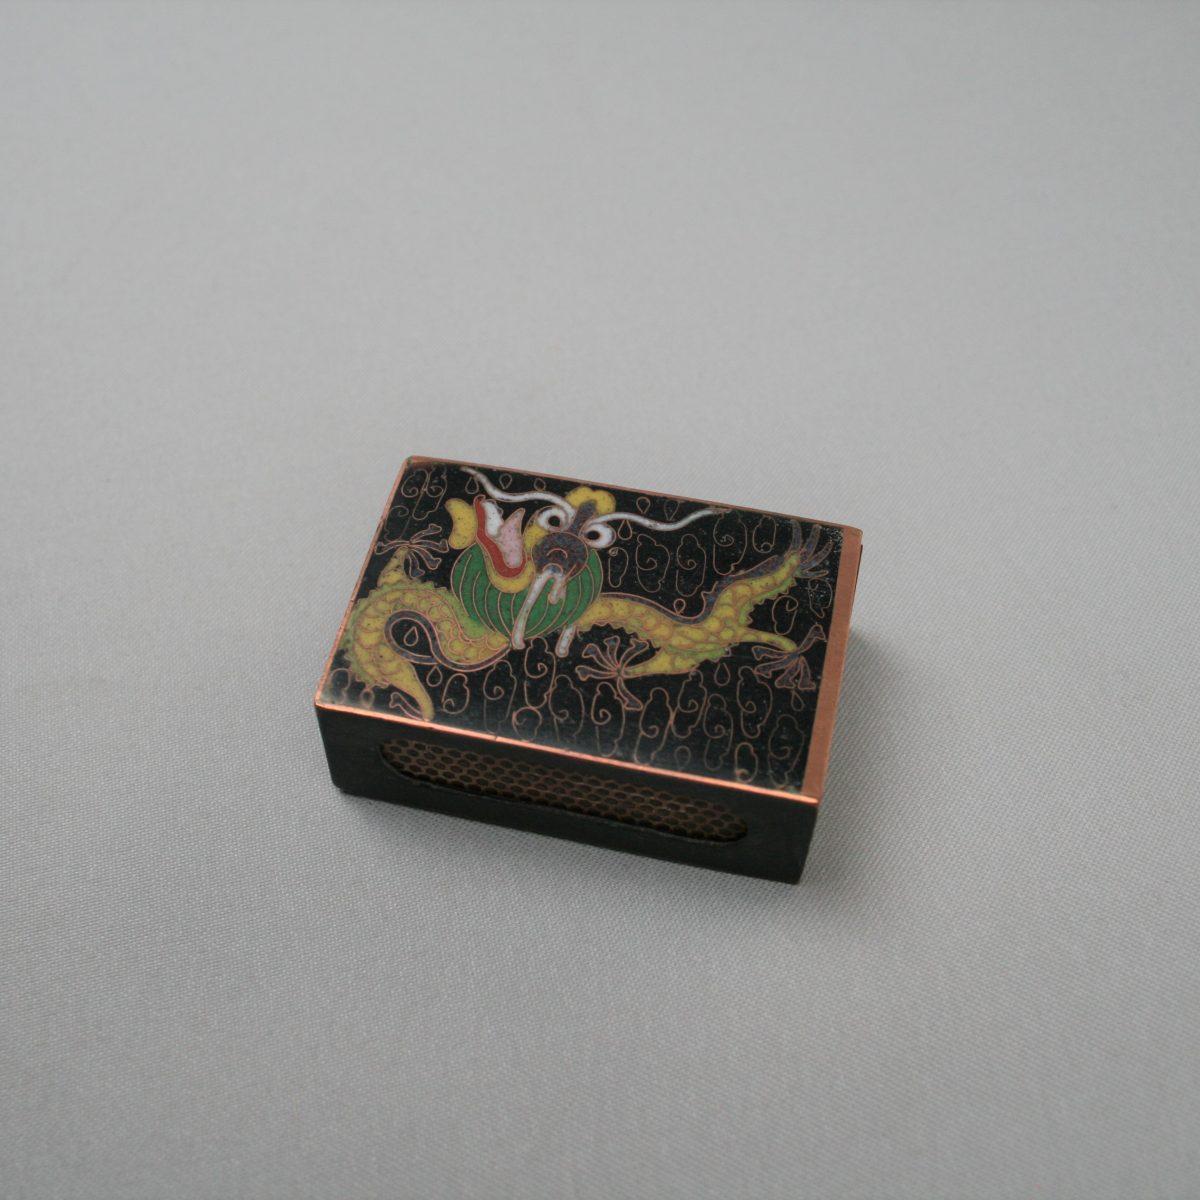 metal matchbox cover with cloisonné designs/williamsantiques